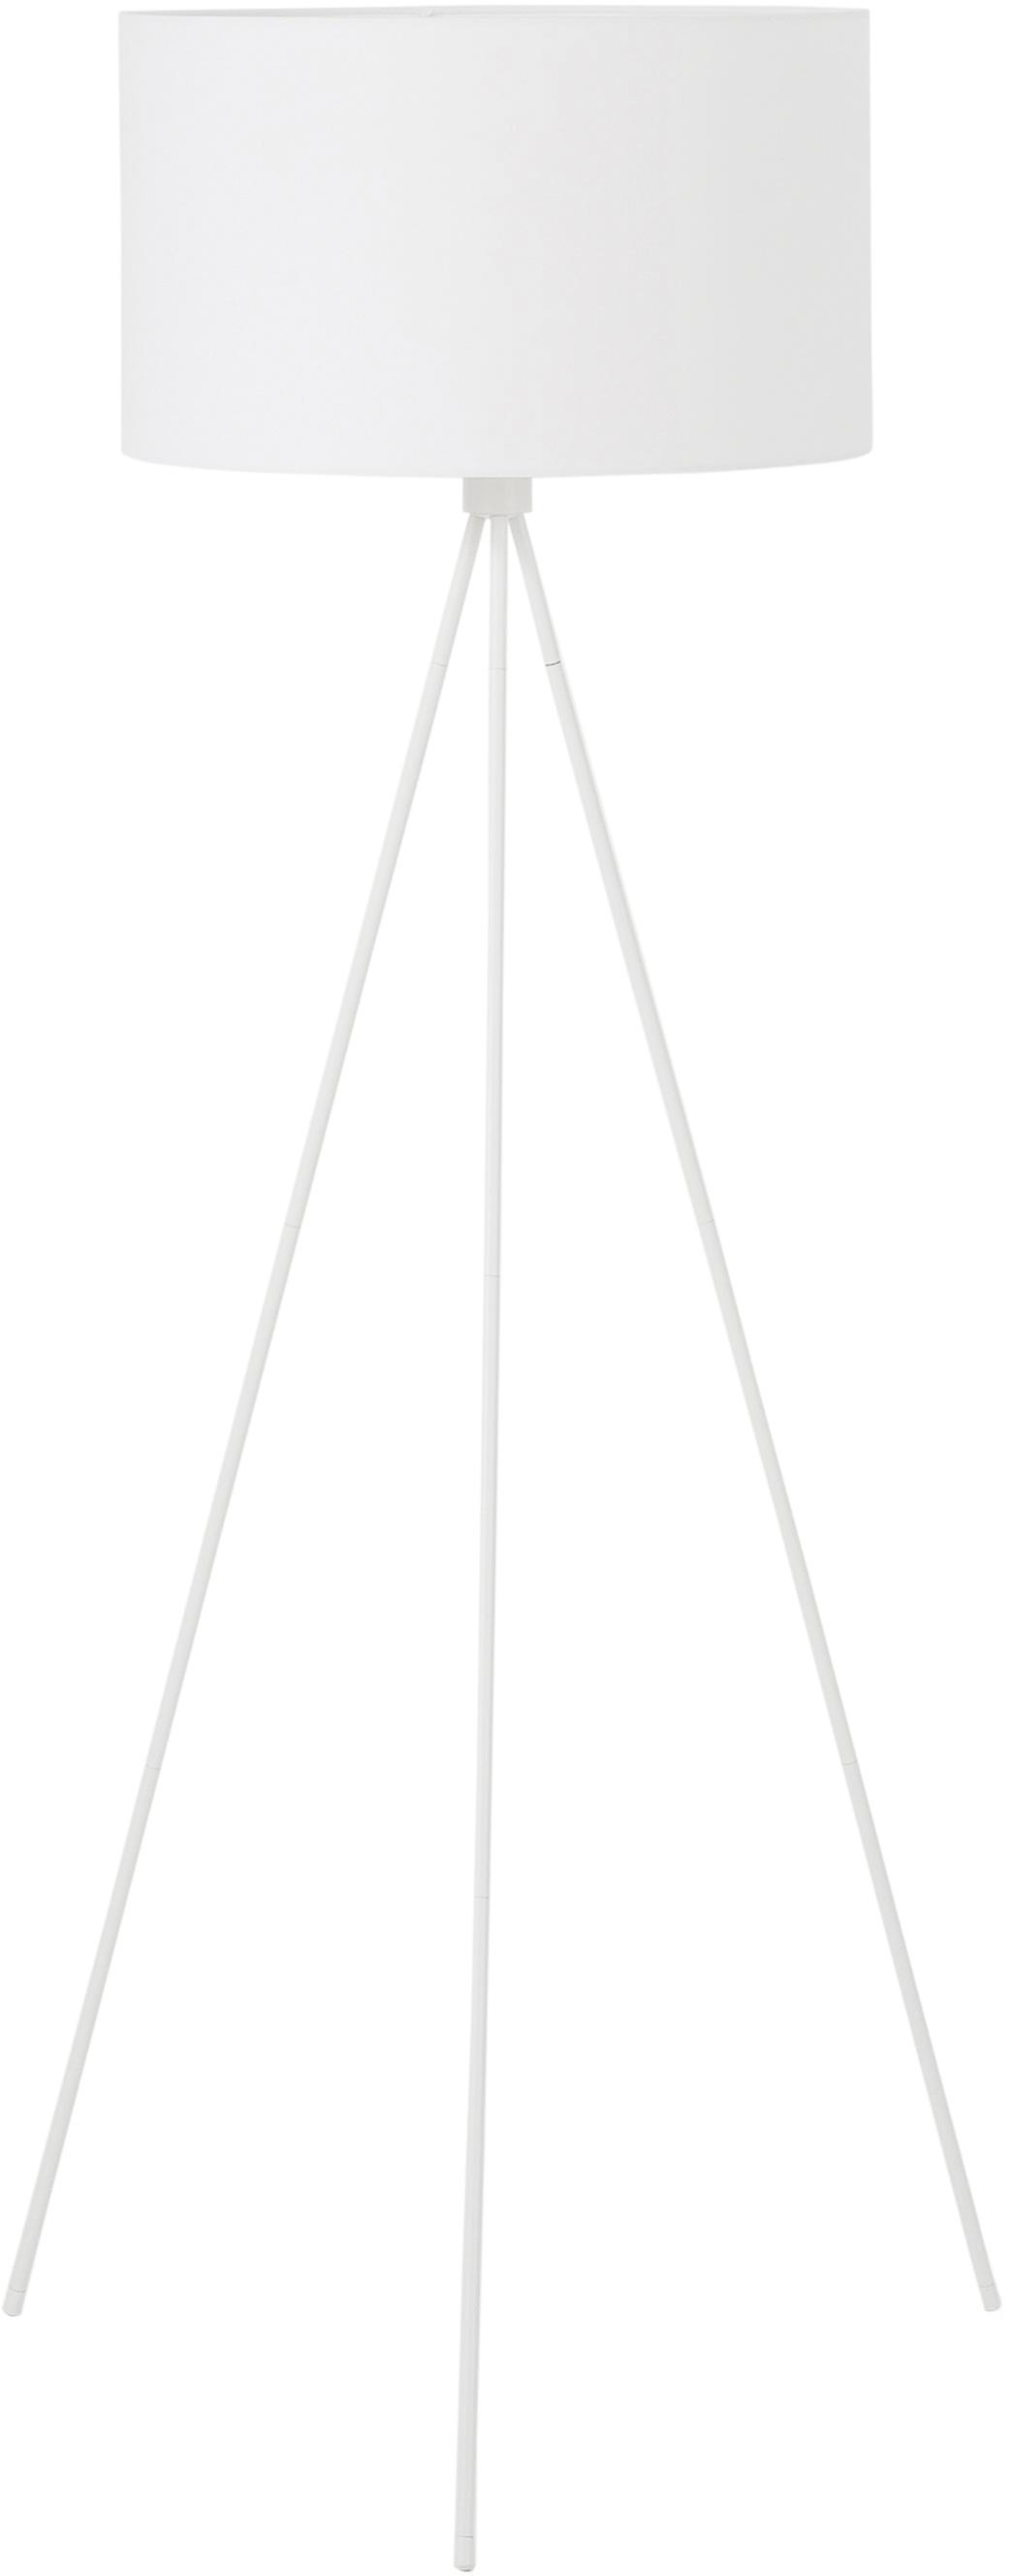 Vloerlamp Cella, Lampvoet: gepoedercoat metaal, Lampenkap: katoenmix, Wit, Ø 48 x H 158 cm